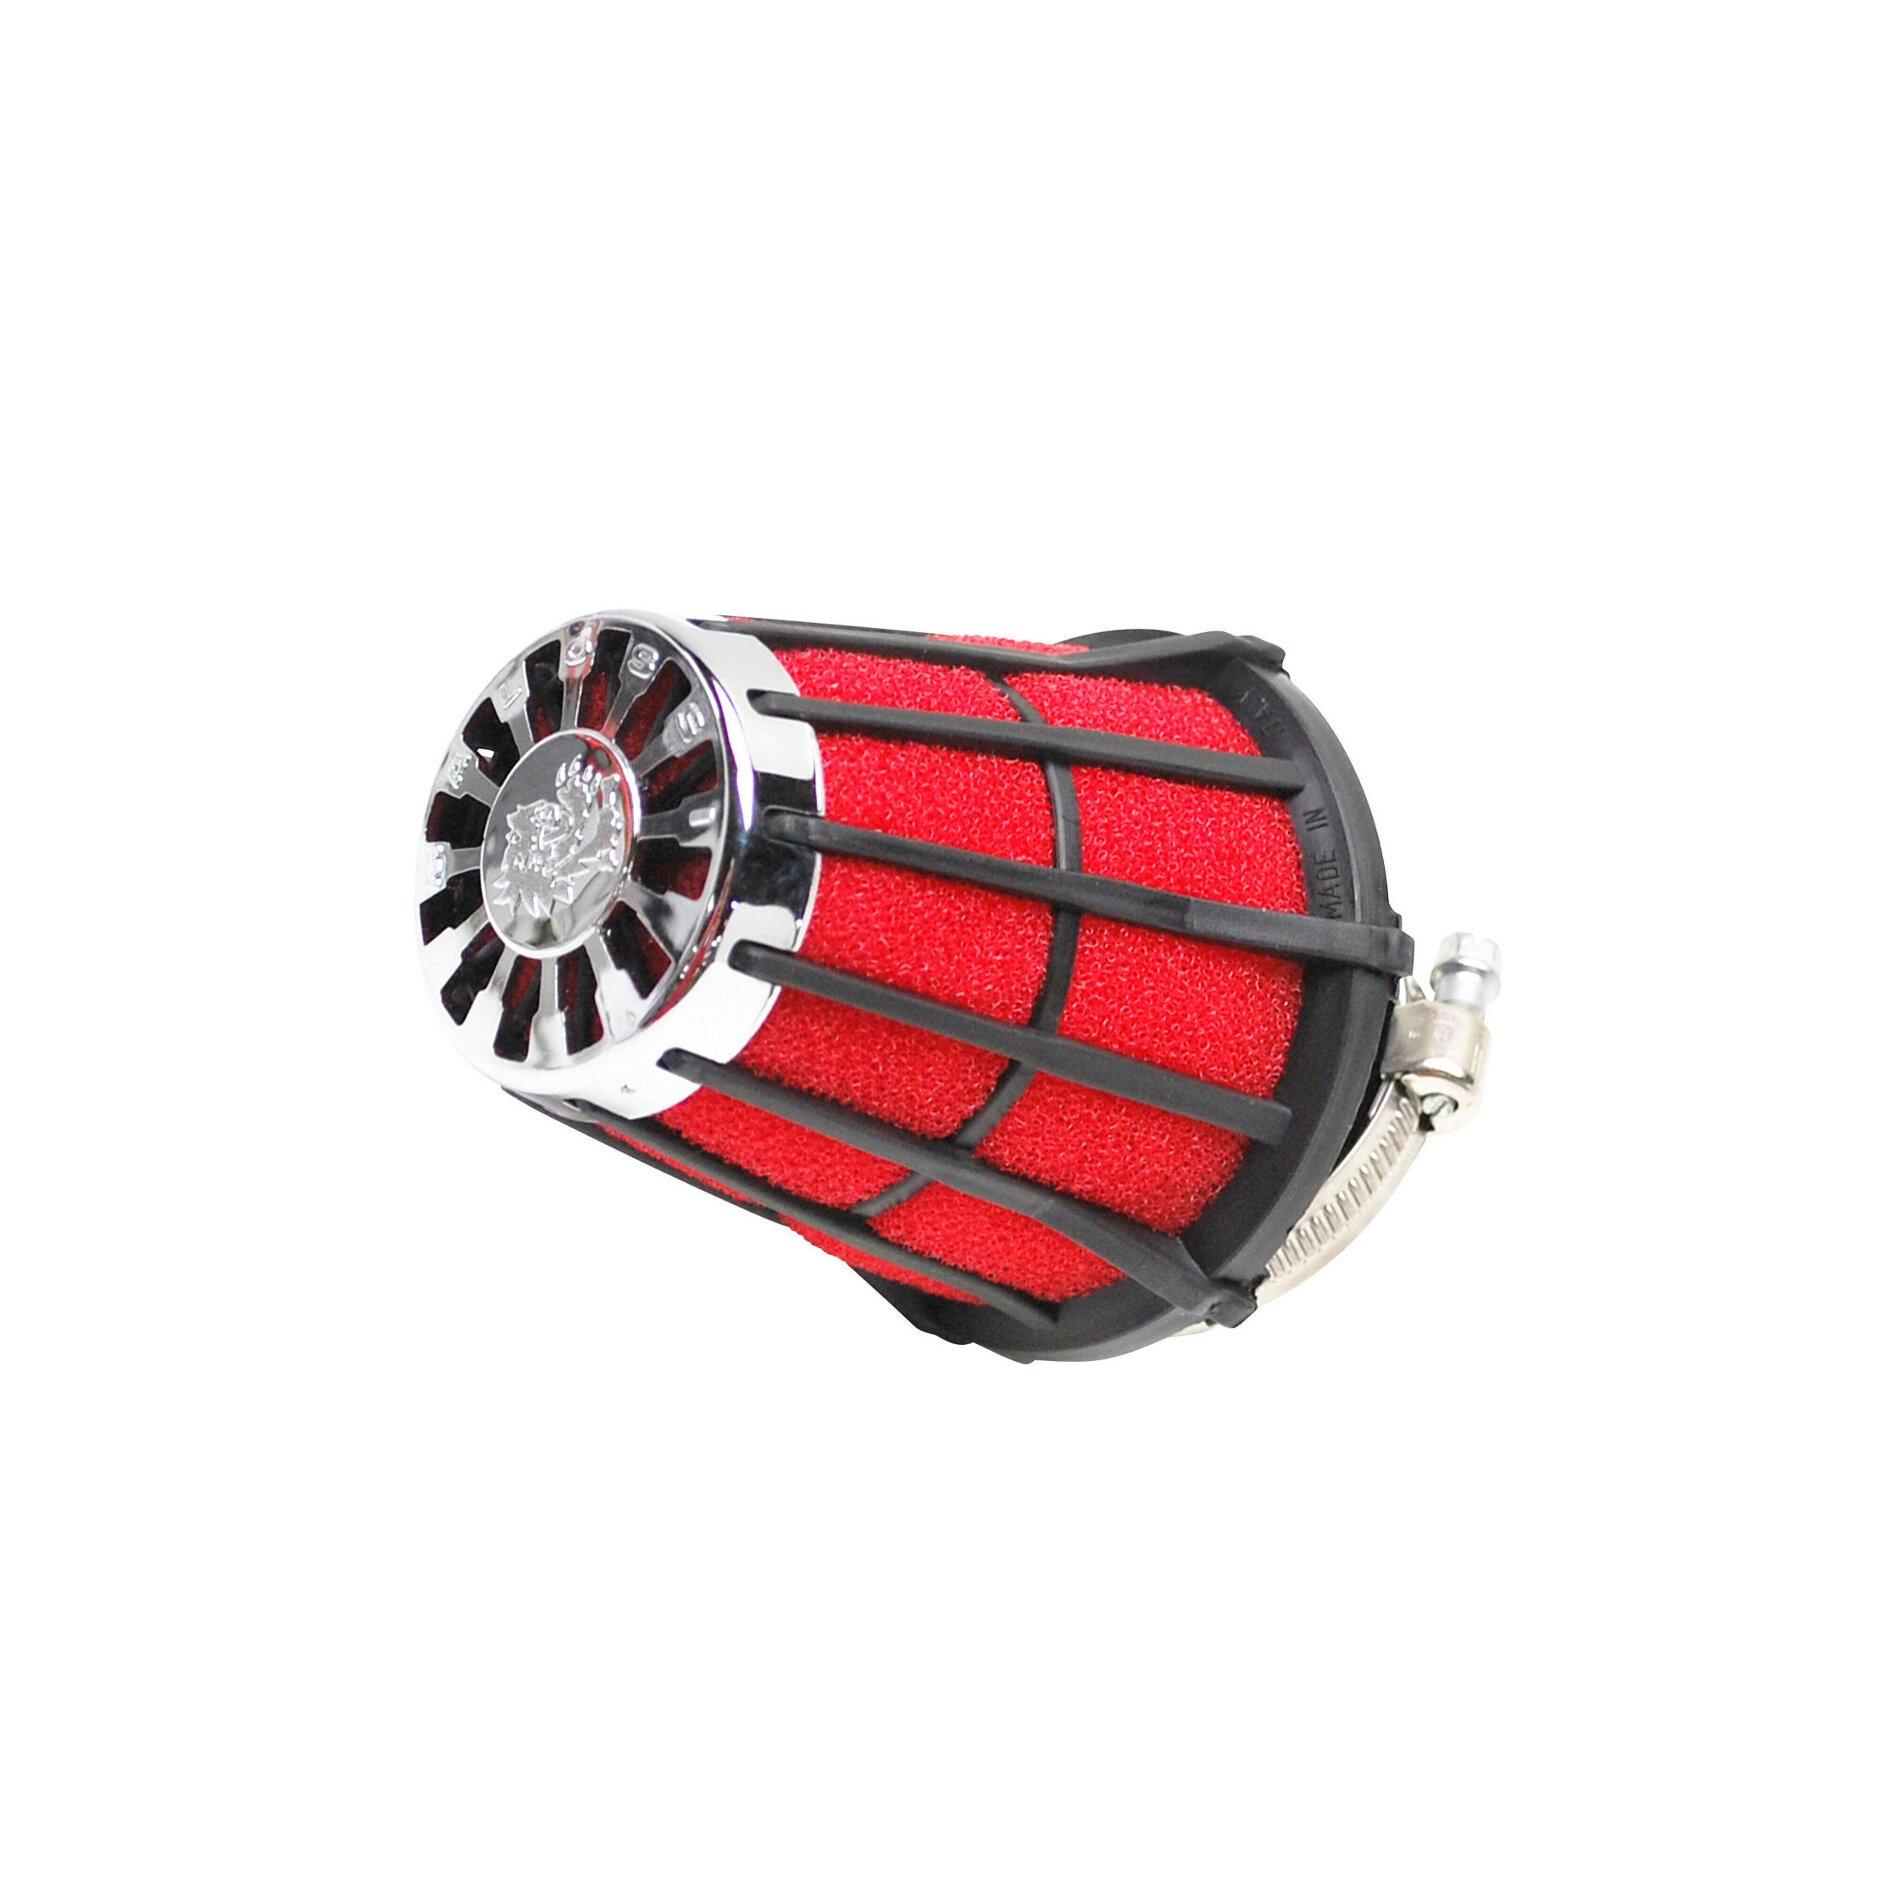 Filtre à air Malossi E5 PHBN / PHVA D.35 - Noir